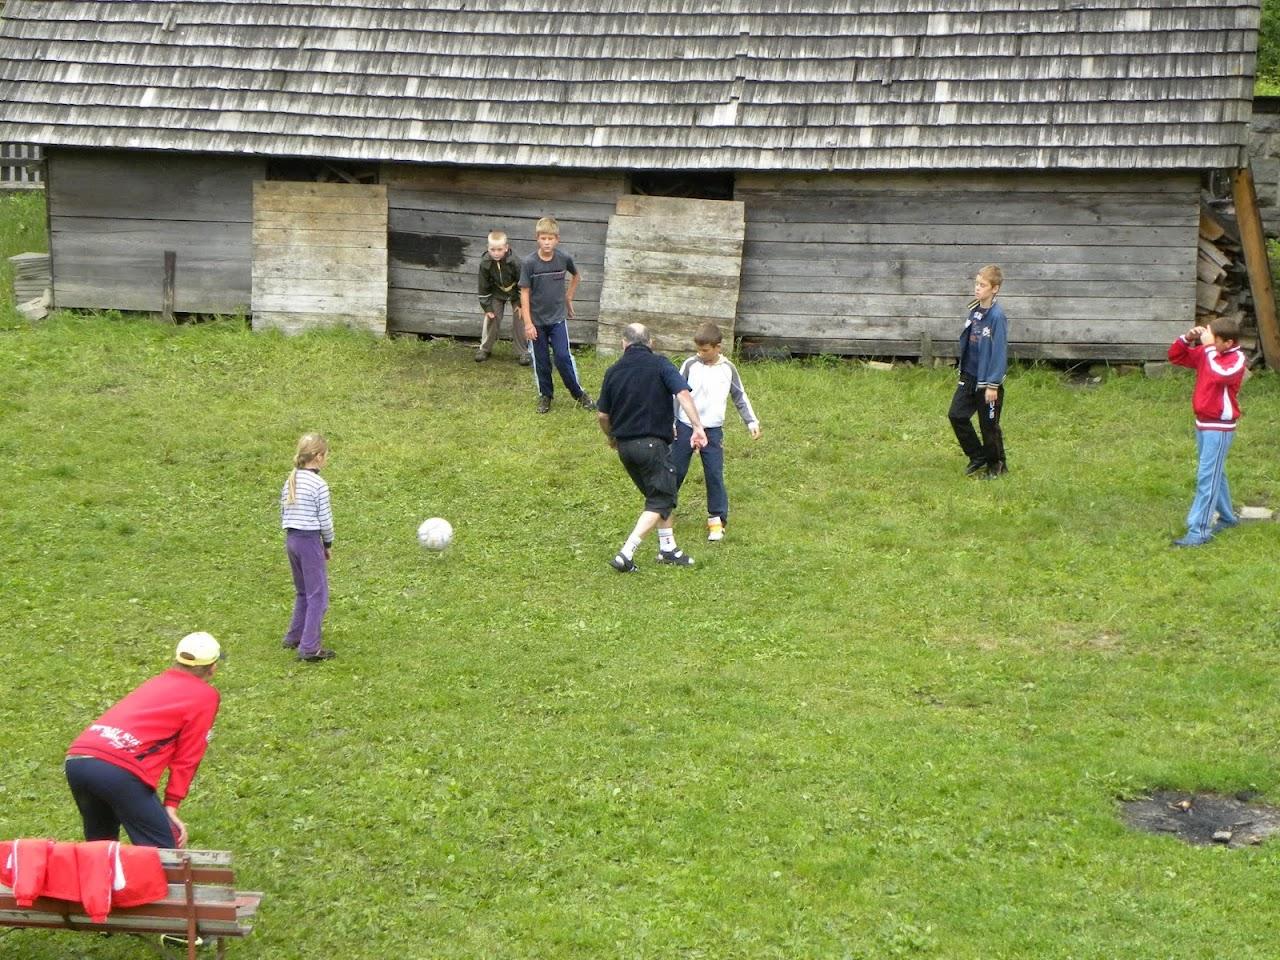 Tábor - Veľké Karlovice - fotka 514.JPG